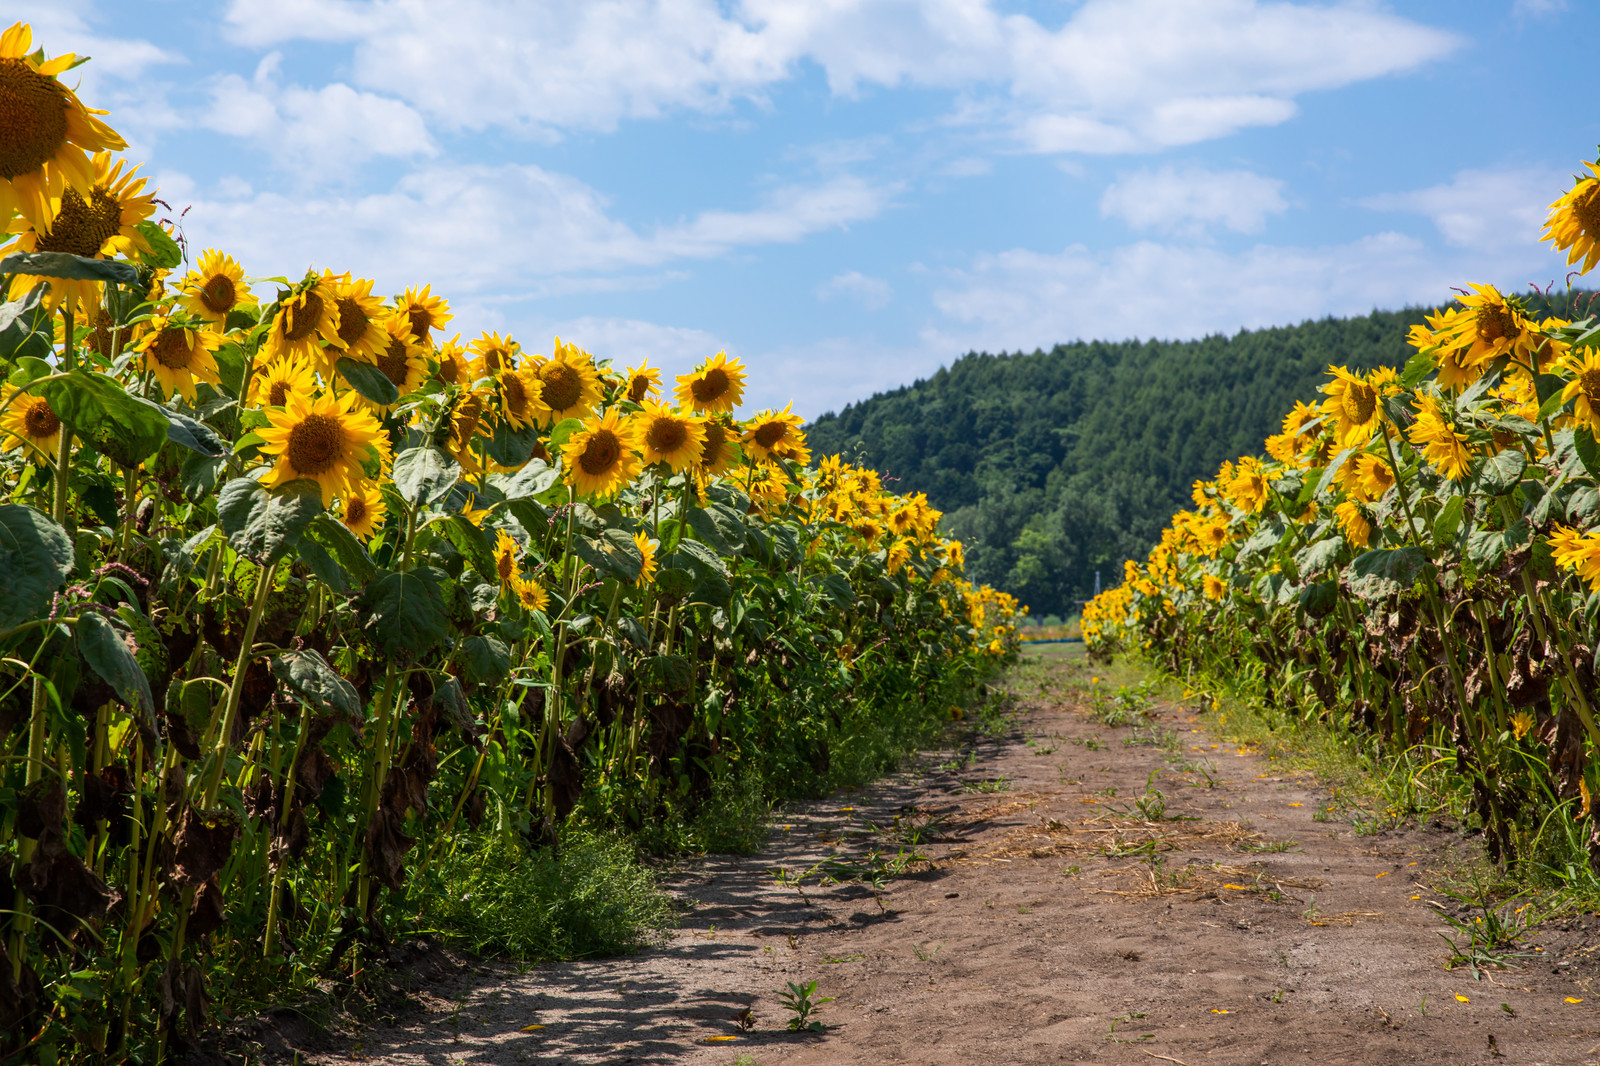 「畑の道沿いに咲く向日葵」の写真